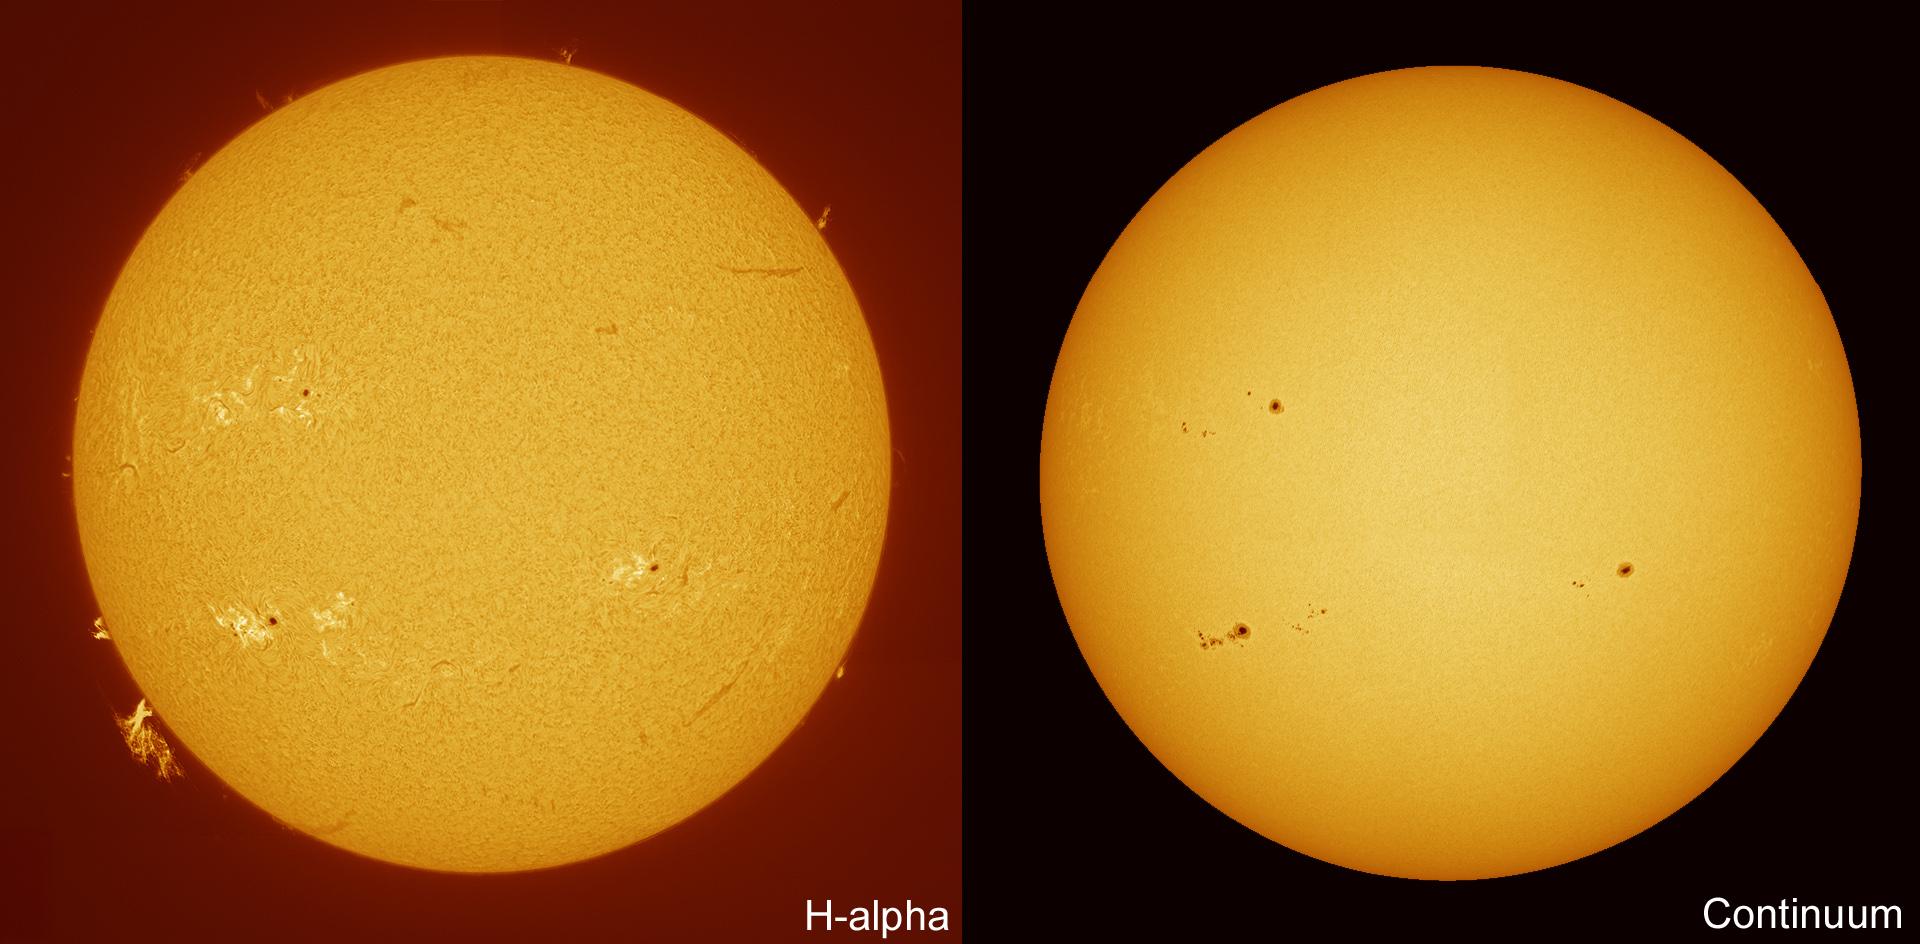 comparison whitelight vs h alpha sun 30 06 2012 astro photo